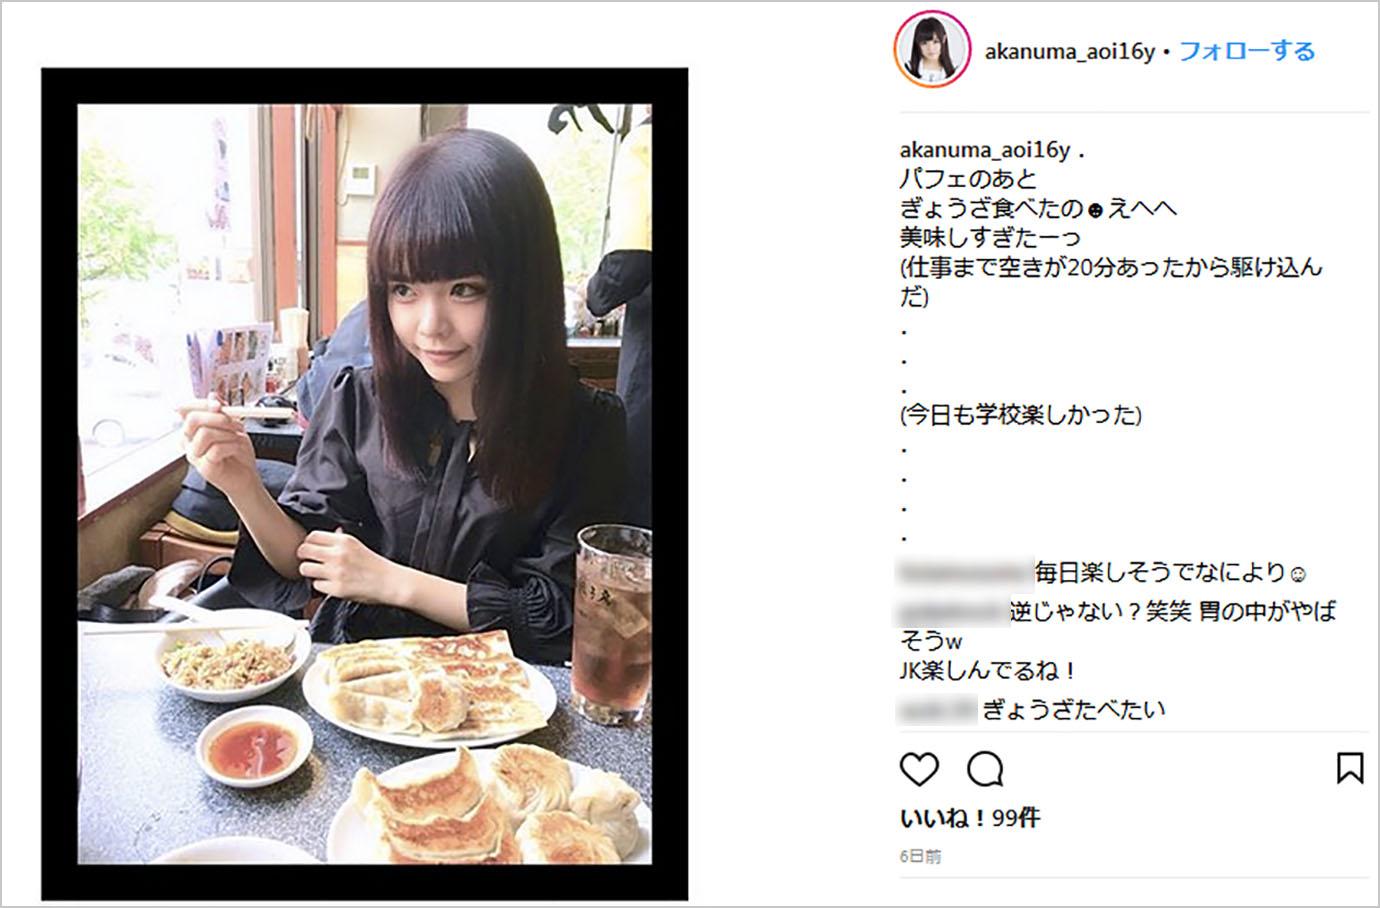 ジャニーズ事務所のイケメンアイドルグループTOKIOメンバー山口達也容疑者(46歳)が、女子高生(17歳)を含む女子2人をマンションに呼び、むりやりキスをし、強制わいせつ